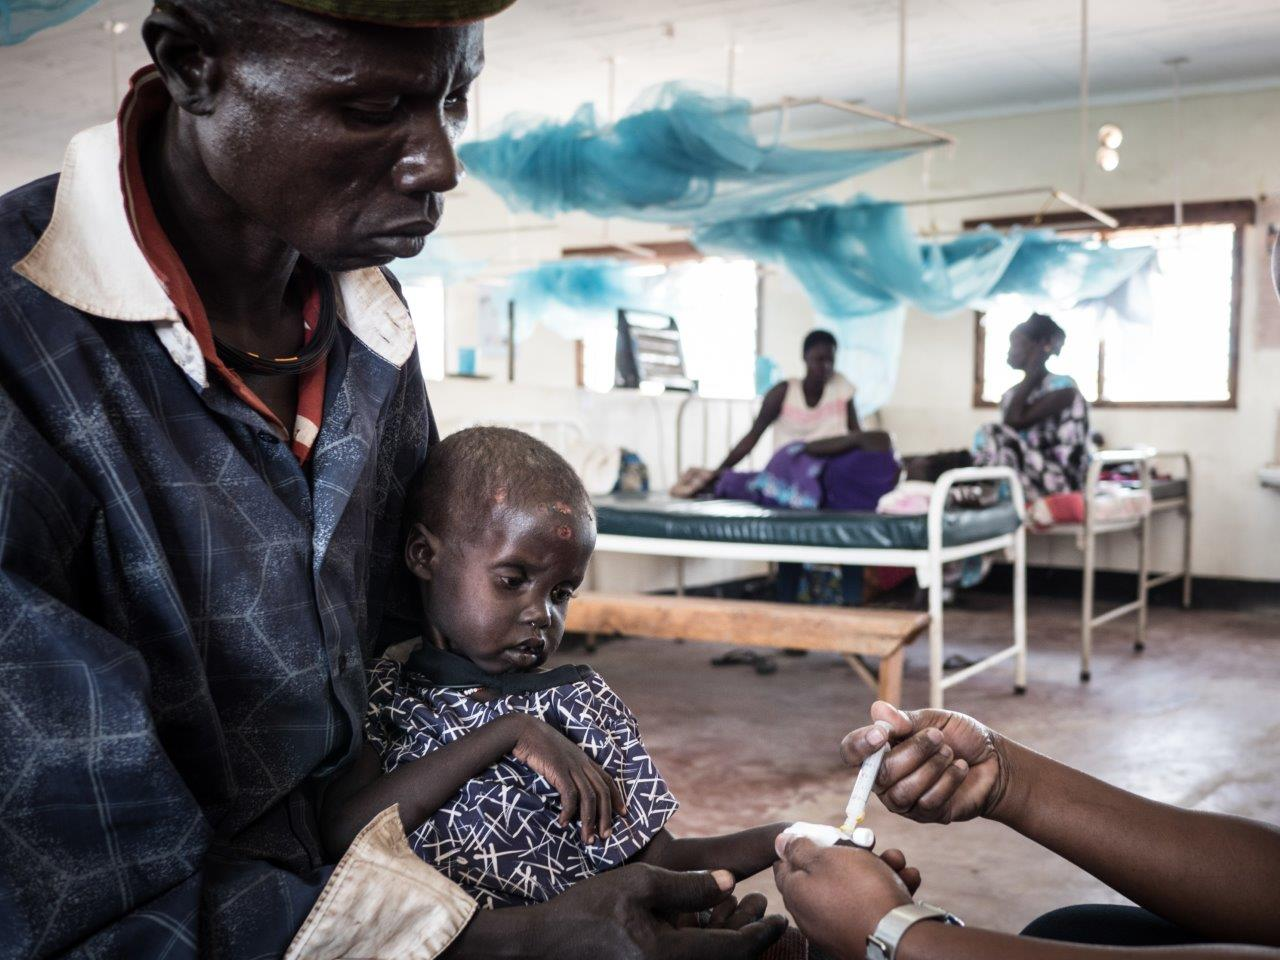 Turkana mit seiner an Malaria leidenden Tochter im von den Johannitern betriebenen Krankenhaus von Kakuma (Credit: Aktion Deutschland Hilft /Roland Brockmann)